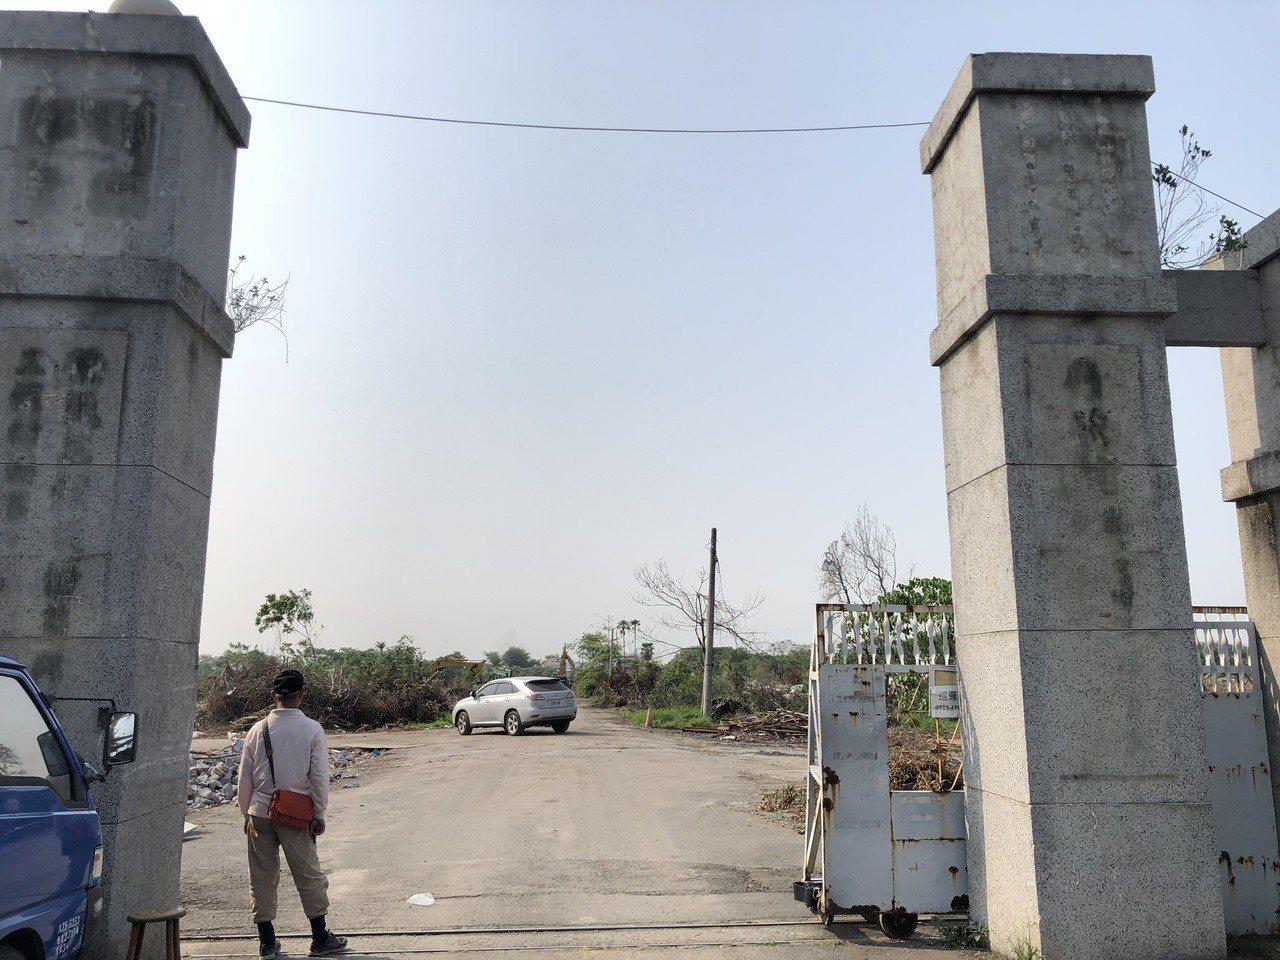 溪州鄉榮光村榮民工廠門牌被拆除。記者林敬家/攝影